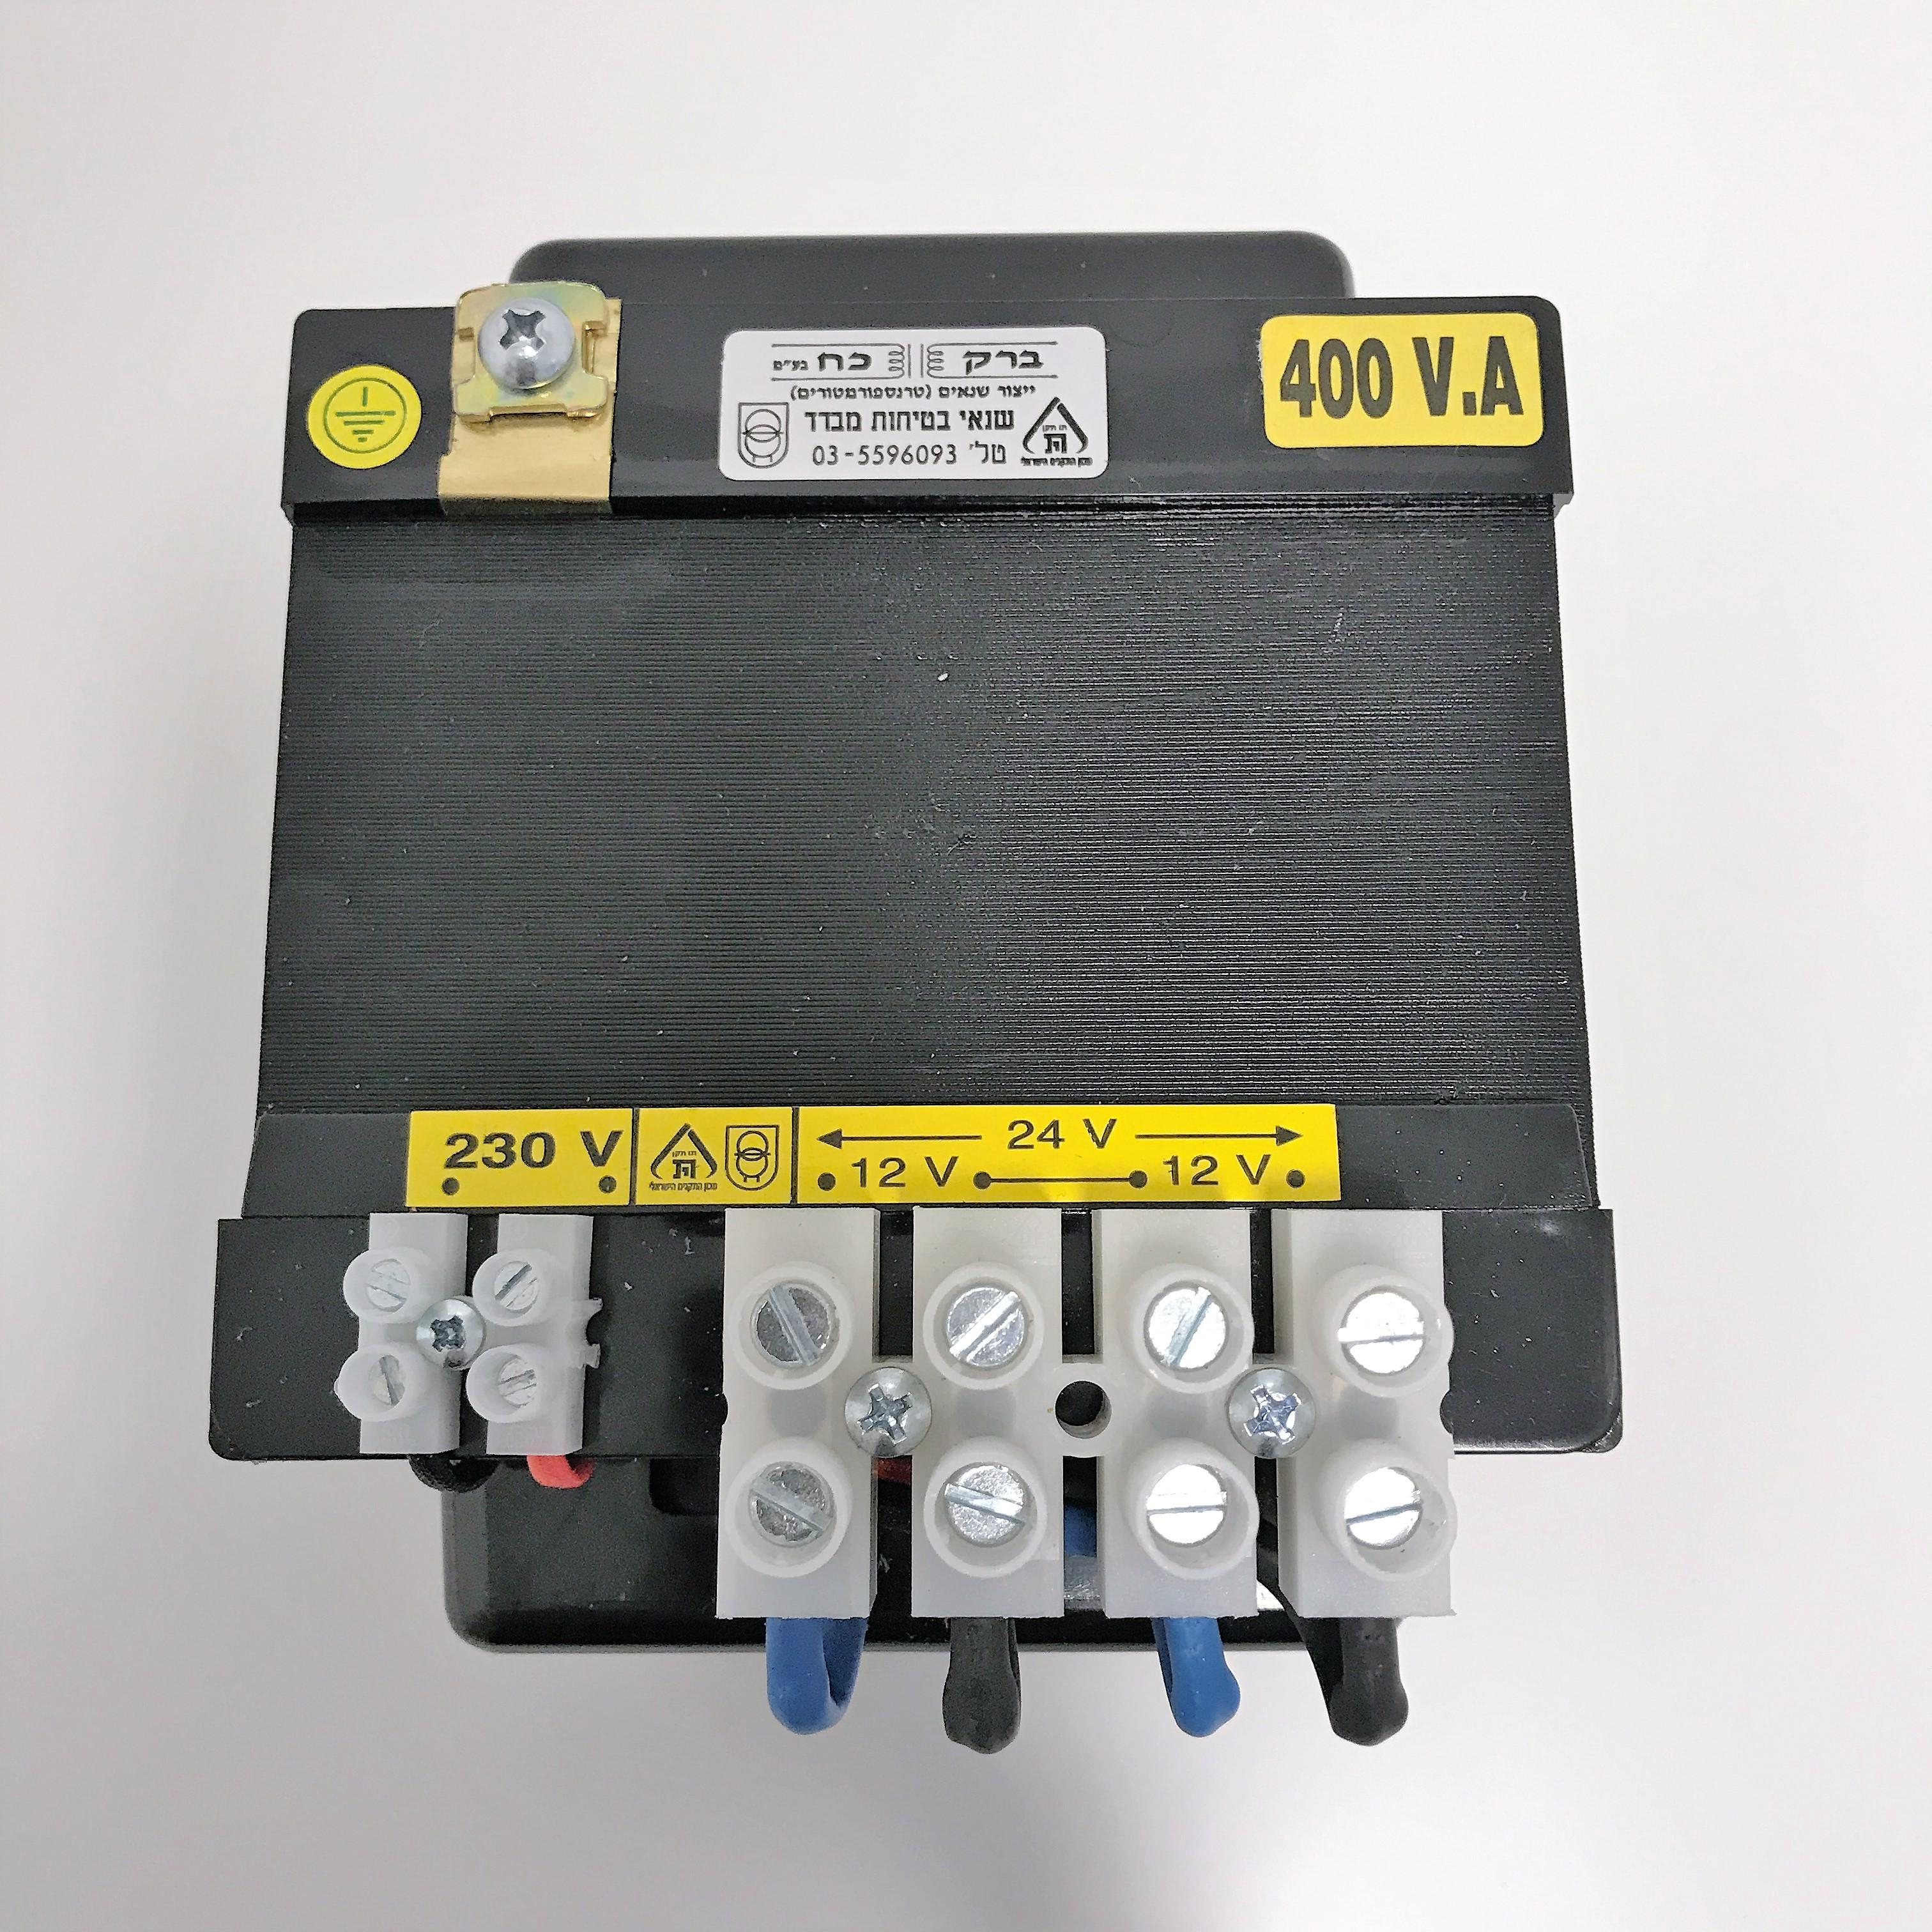 שנאי מבדל בהספק 400VA במתחים 230V-24V